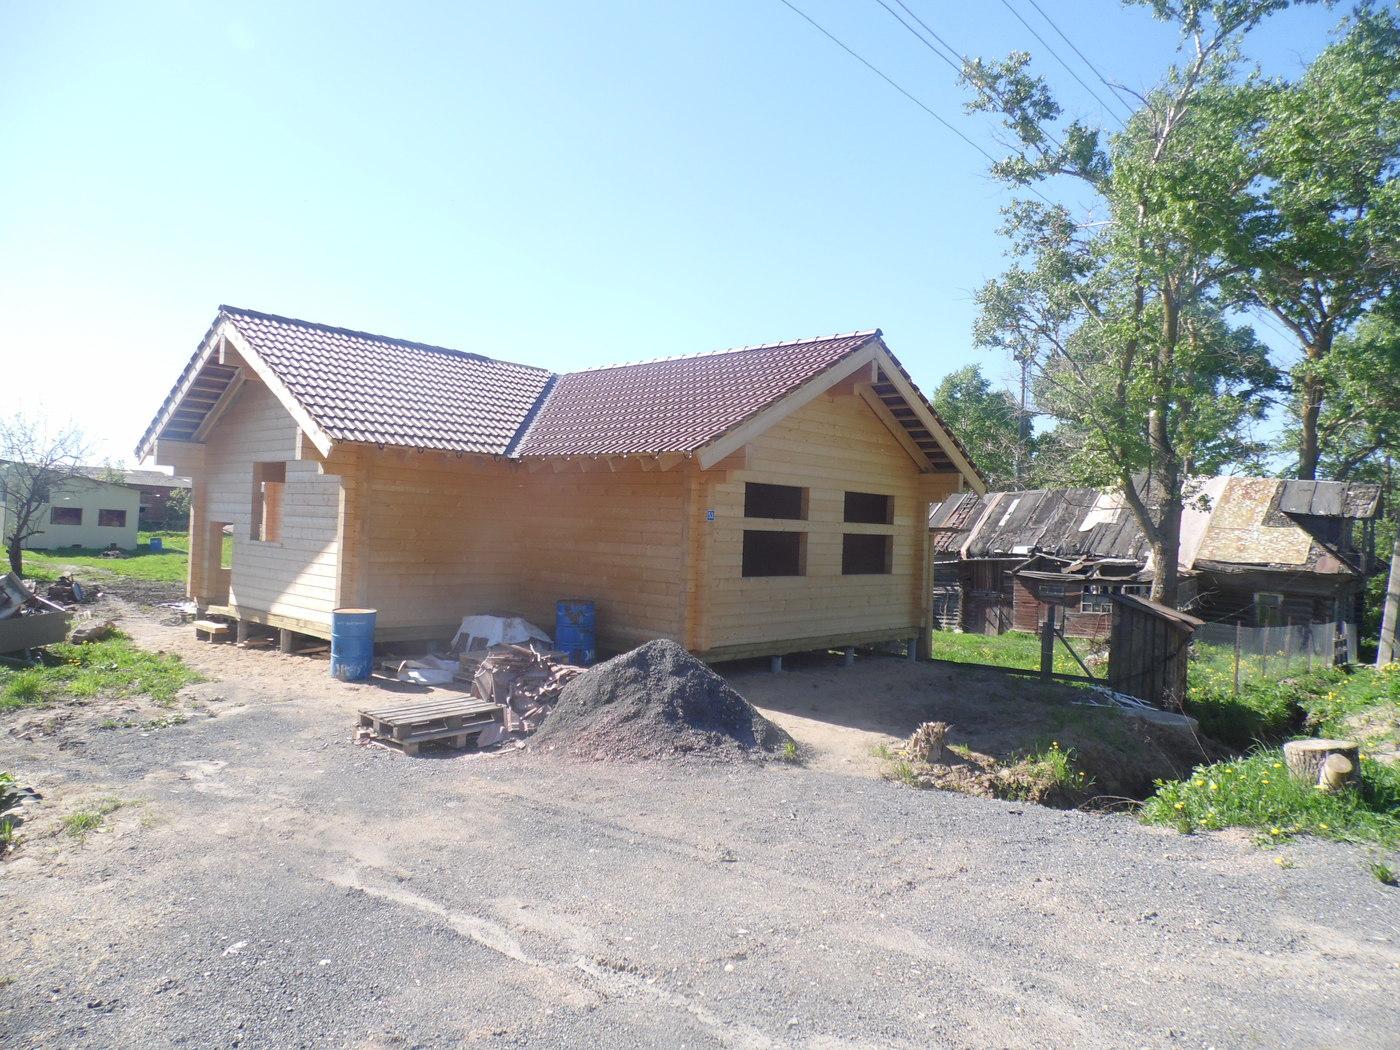 Строительство домов и коттеджей. Строительство дома из клеенного бруса